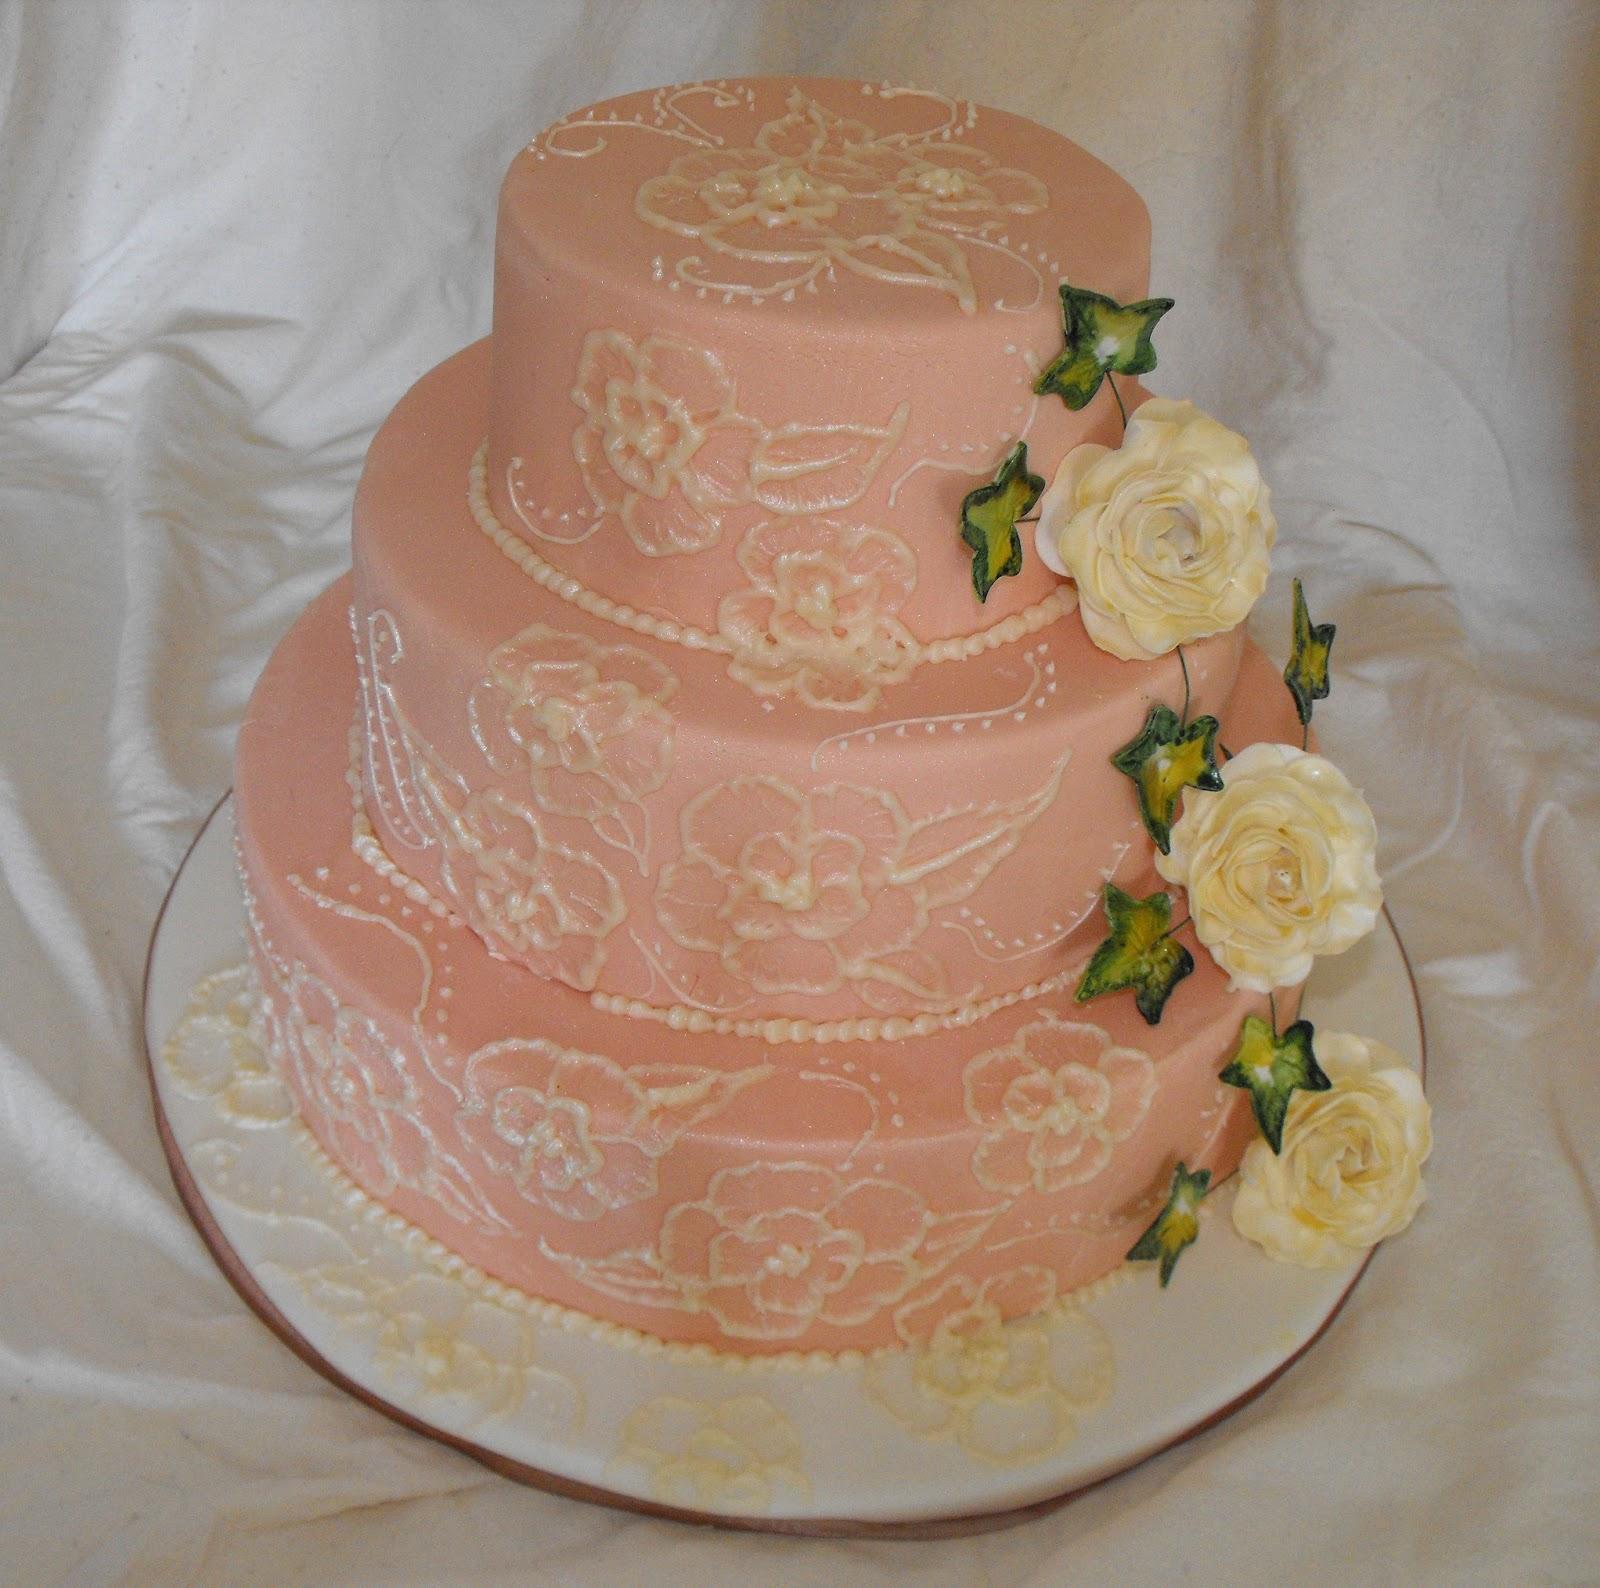 Carolines Cake Craft Vintage Style Wedding Cake